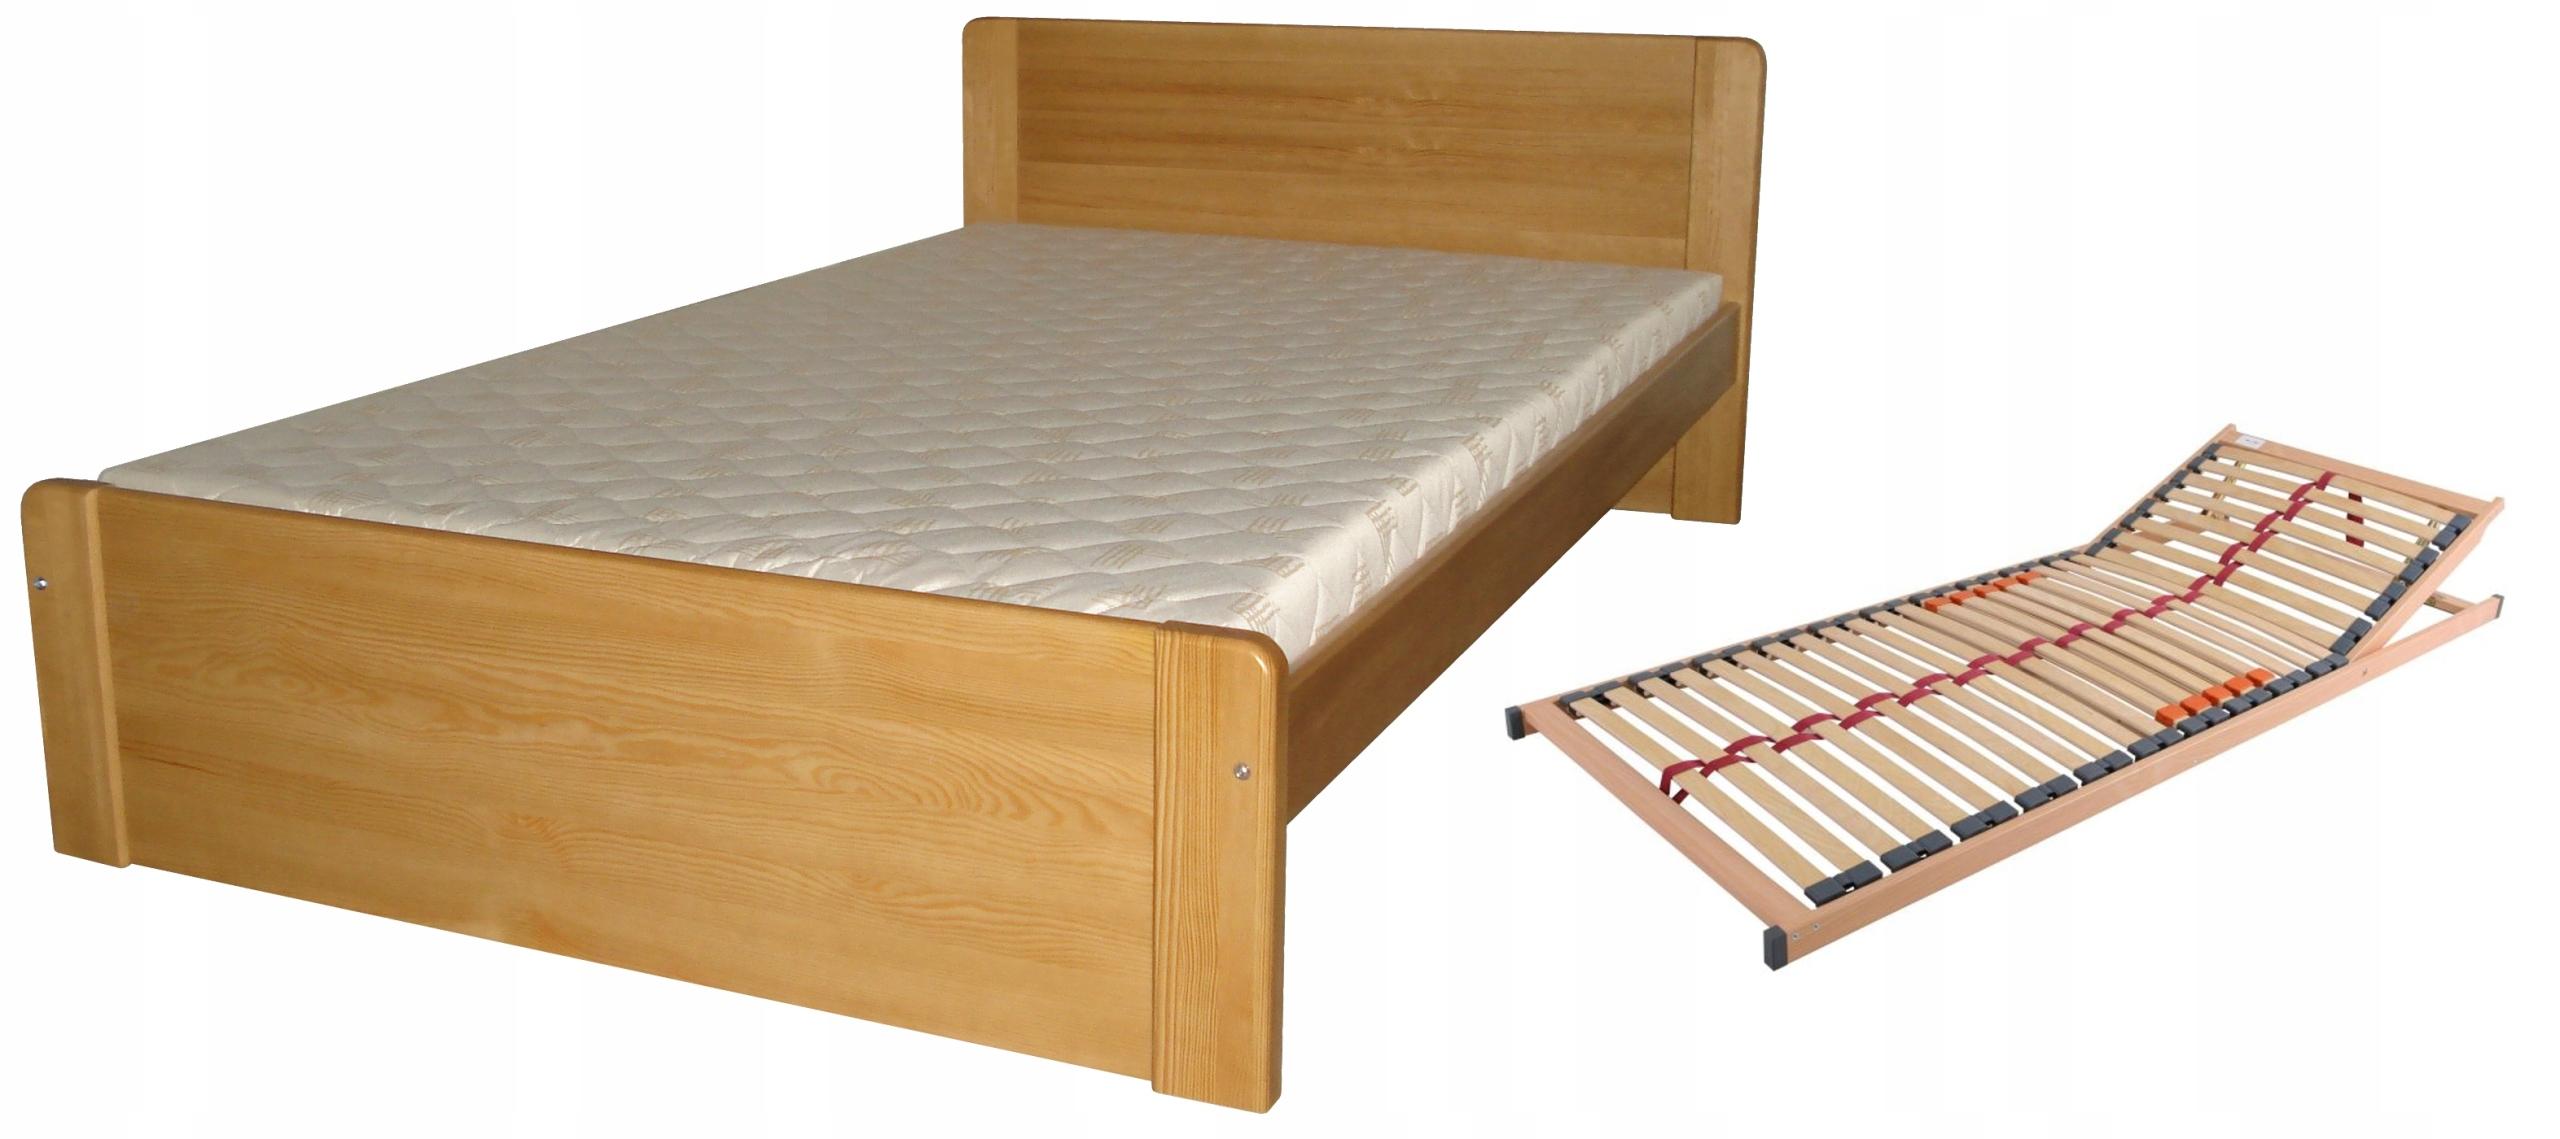 łóżko 90x200 Dla Seniora Regulowany Stelaż Wysokie